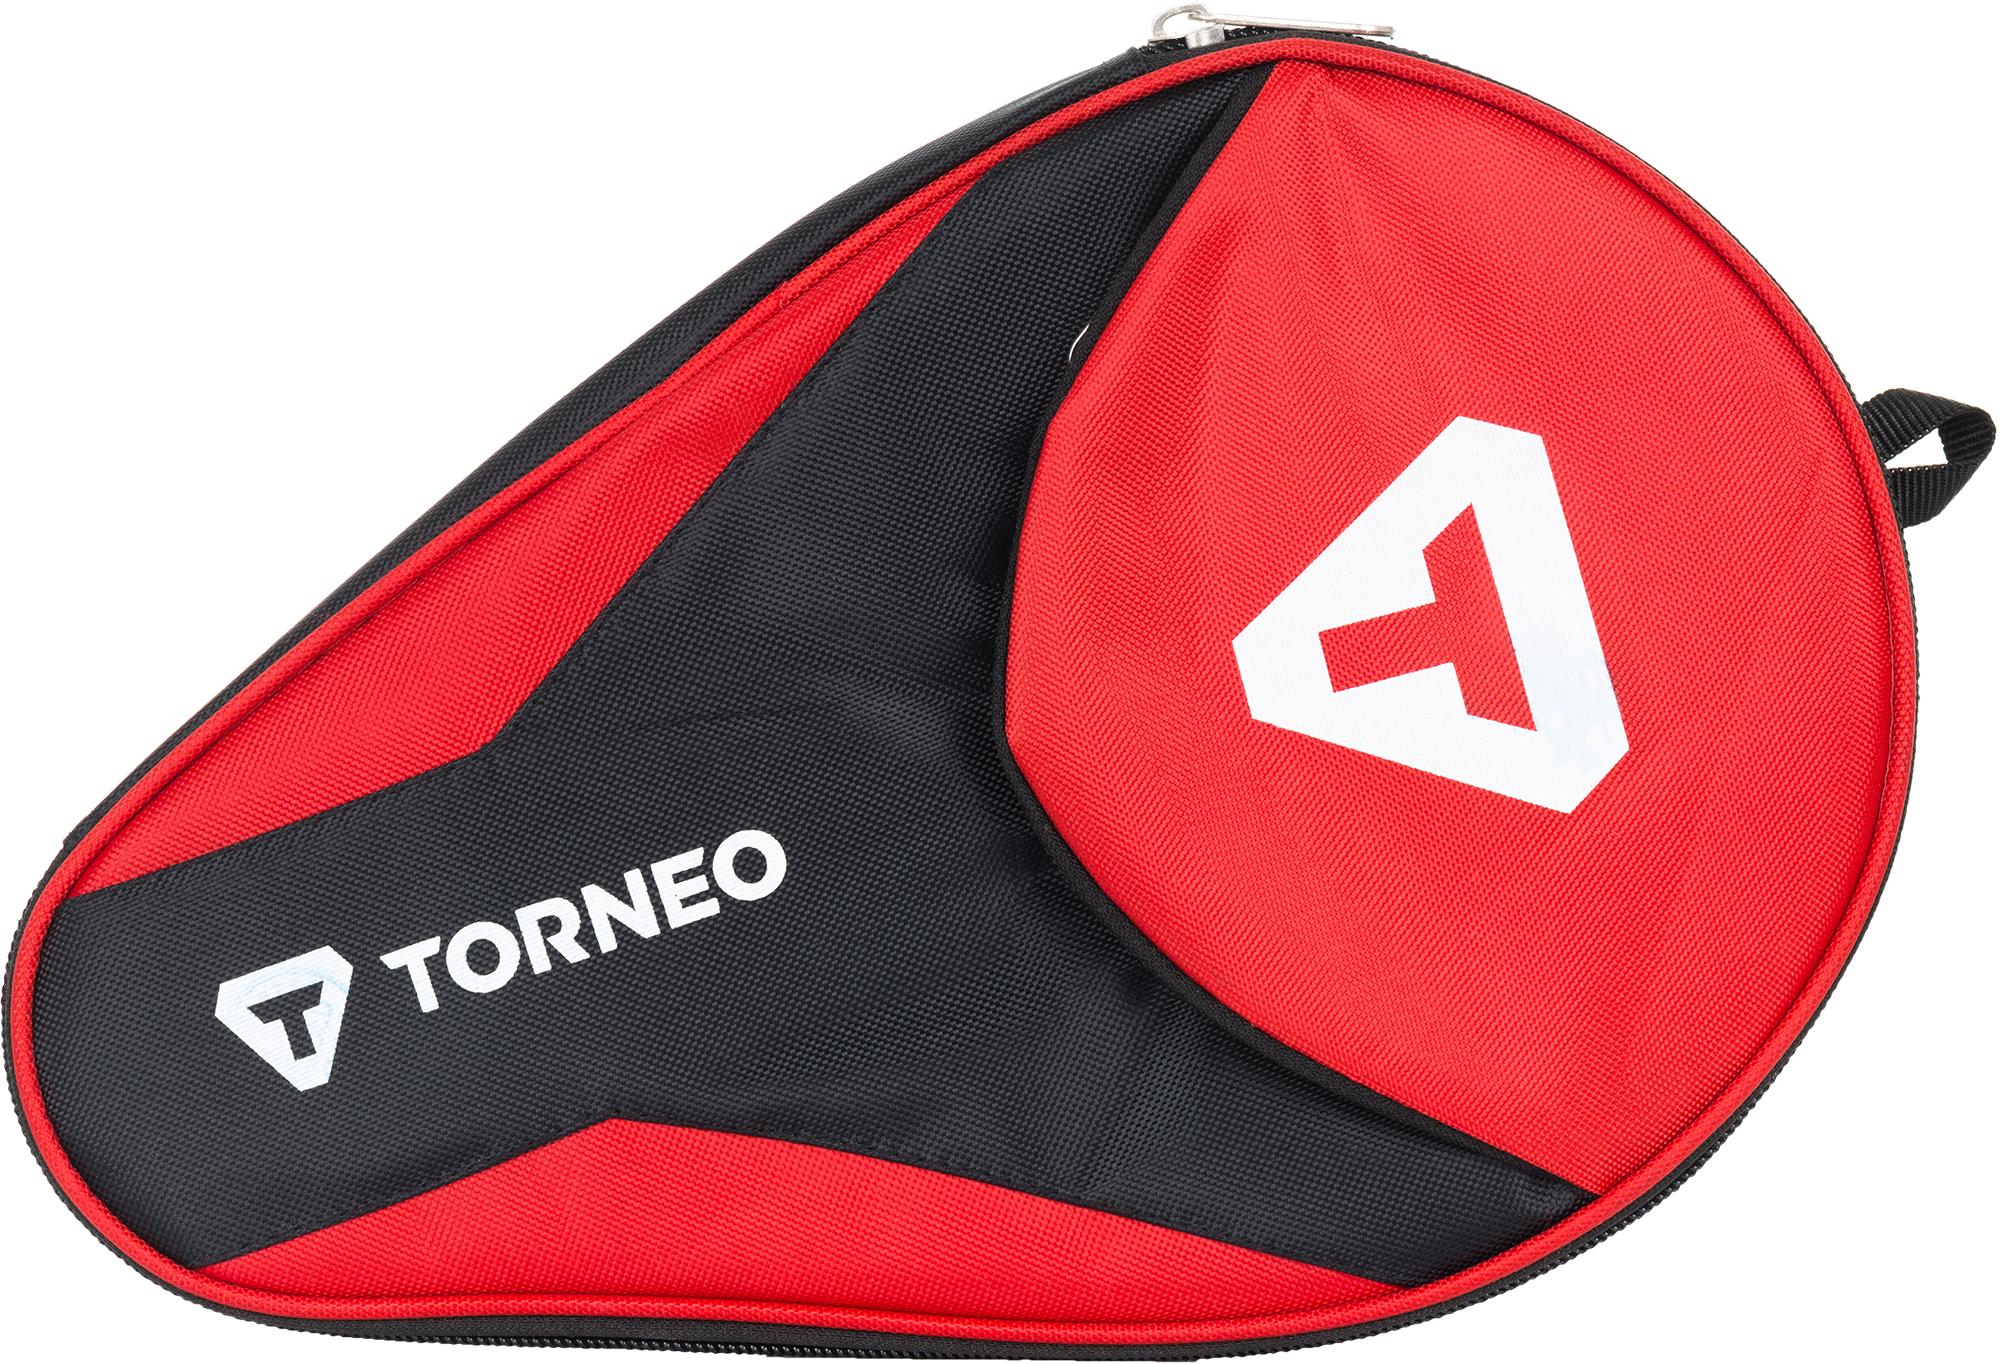 Torneo Чехол для 1 ракетки для настольного тенниса Torneo, размер Без размера